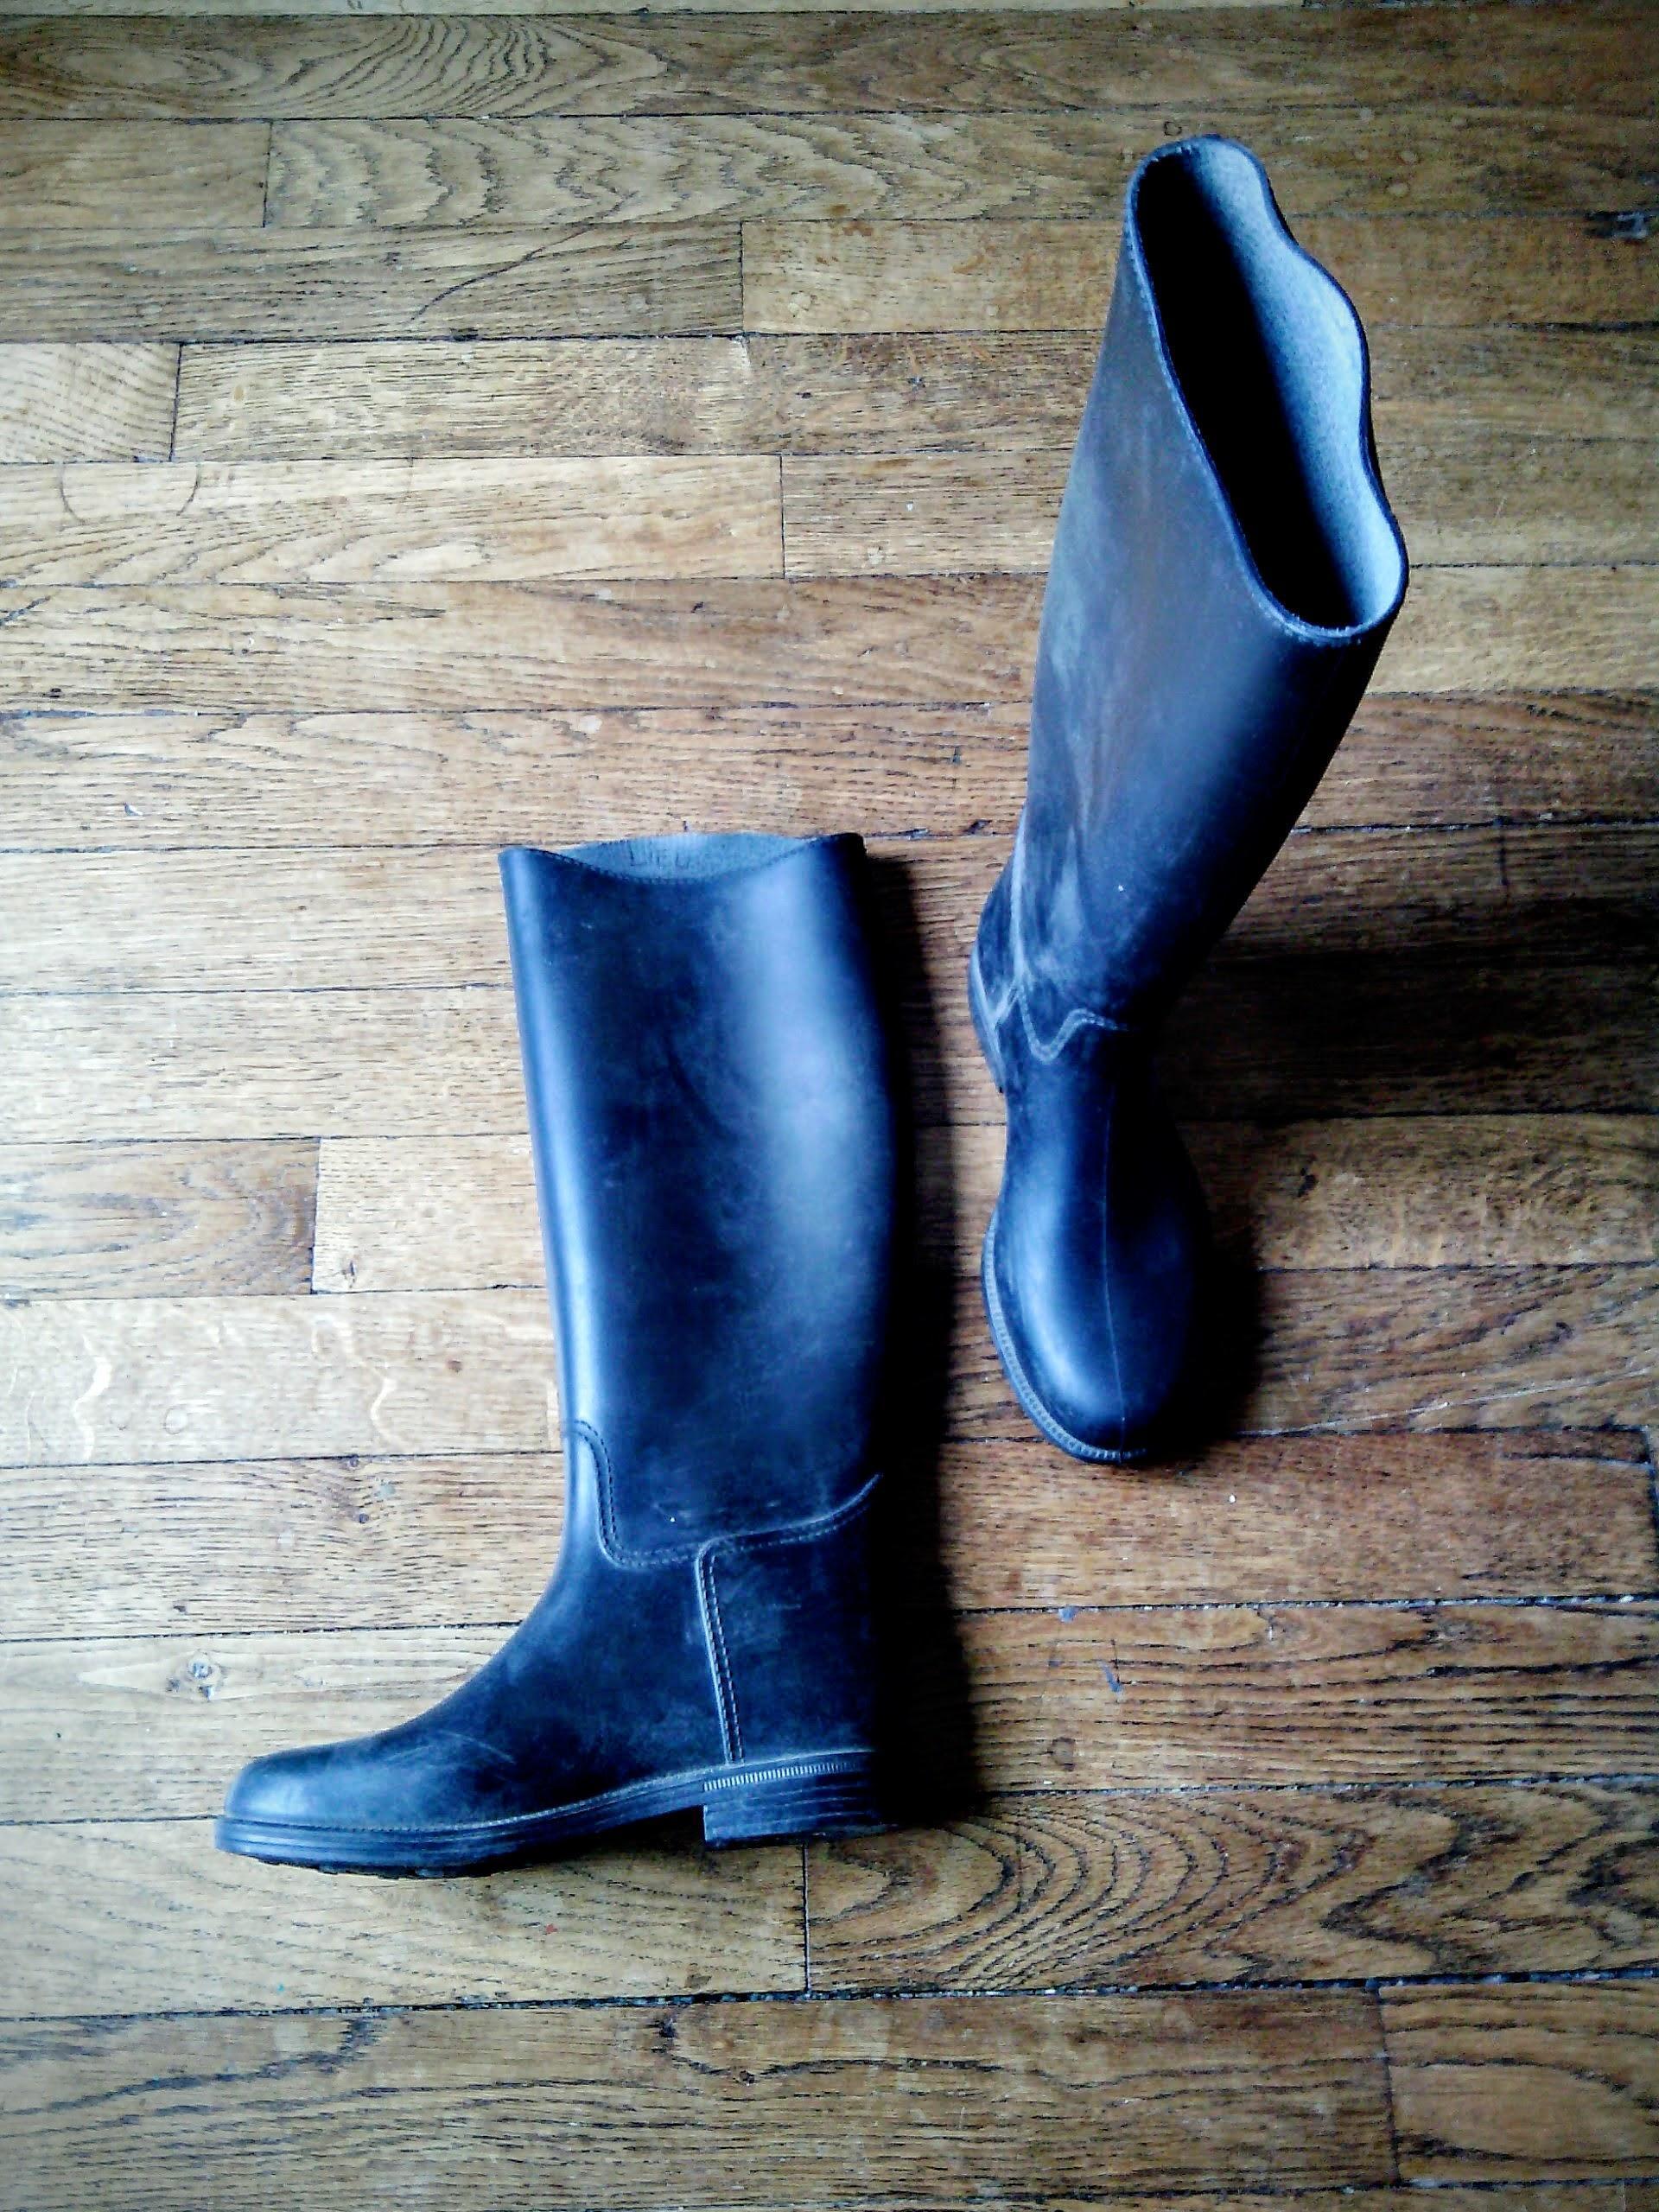 troc de troc equitation : boots 35, bottes 35, pantalon 14ans. image 1